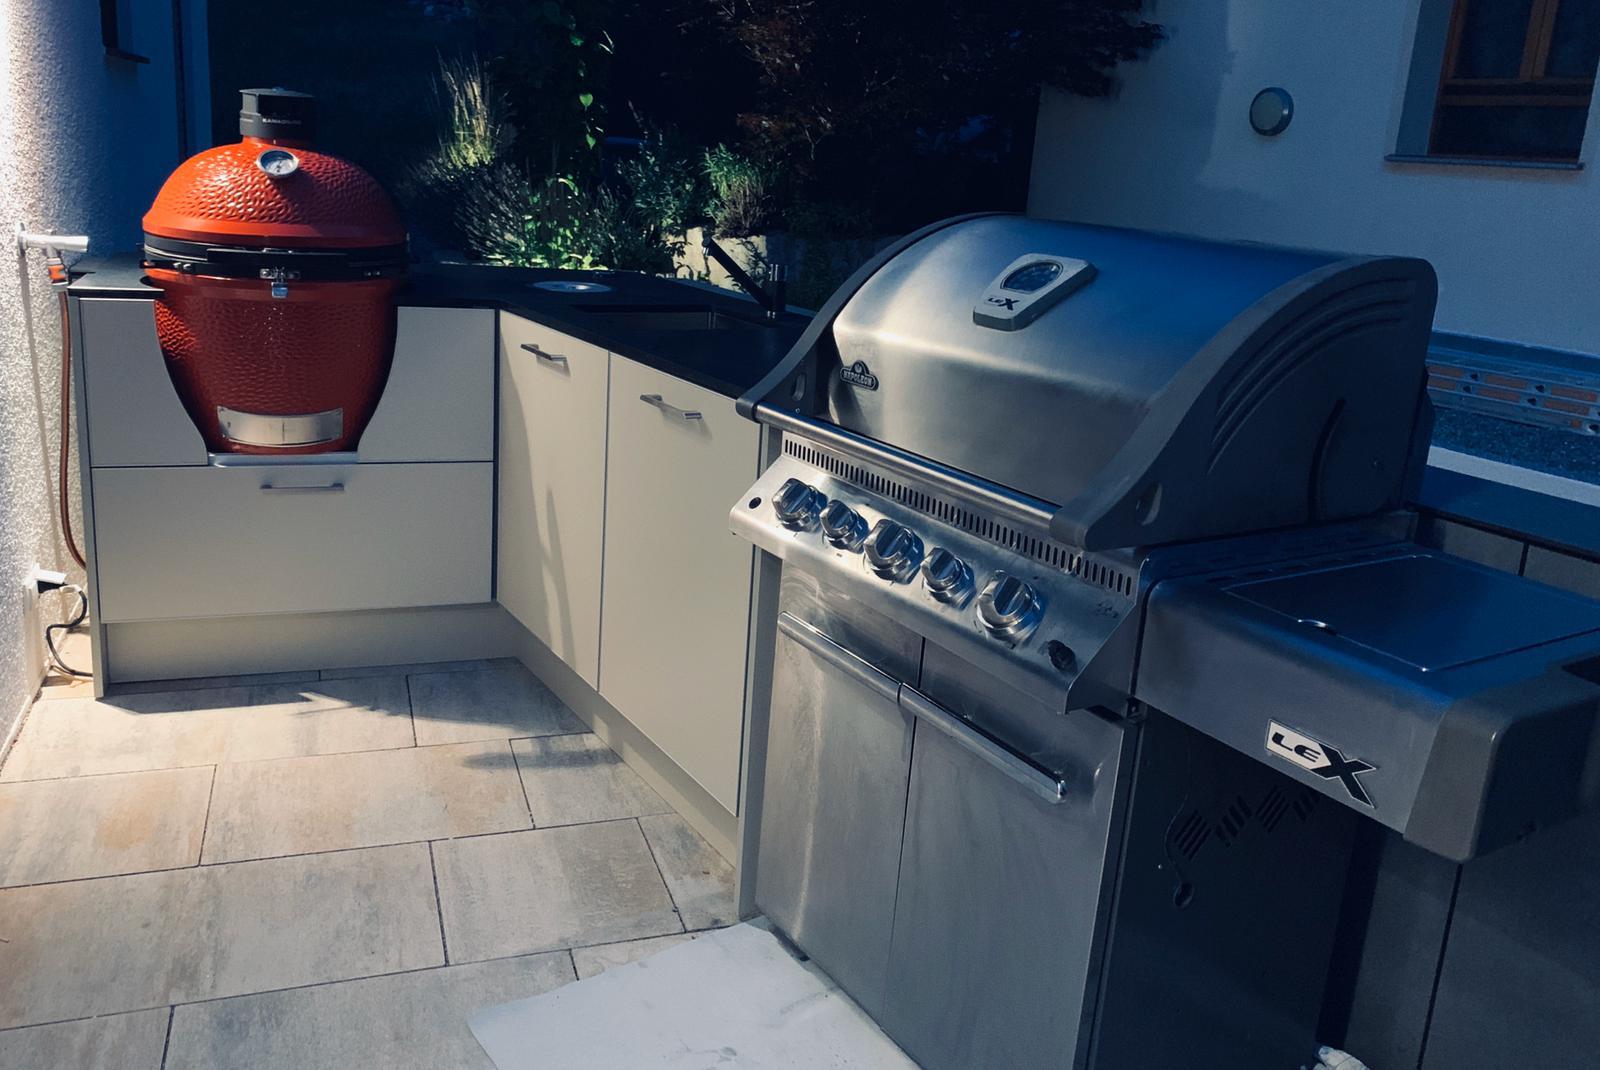 Full Size of Amerikanische Outdoor Küchen Grillmodule Outdoorkche Gartenkche Proks Küche Kaufen Amerikanisches Bett Betten Edelstahl Regal Wohnzimmer Amerikanische Outdoor Küchen